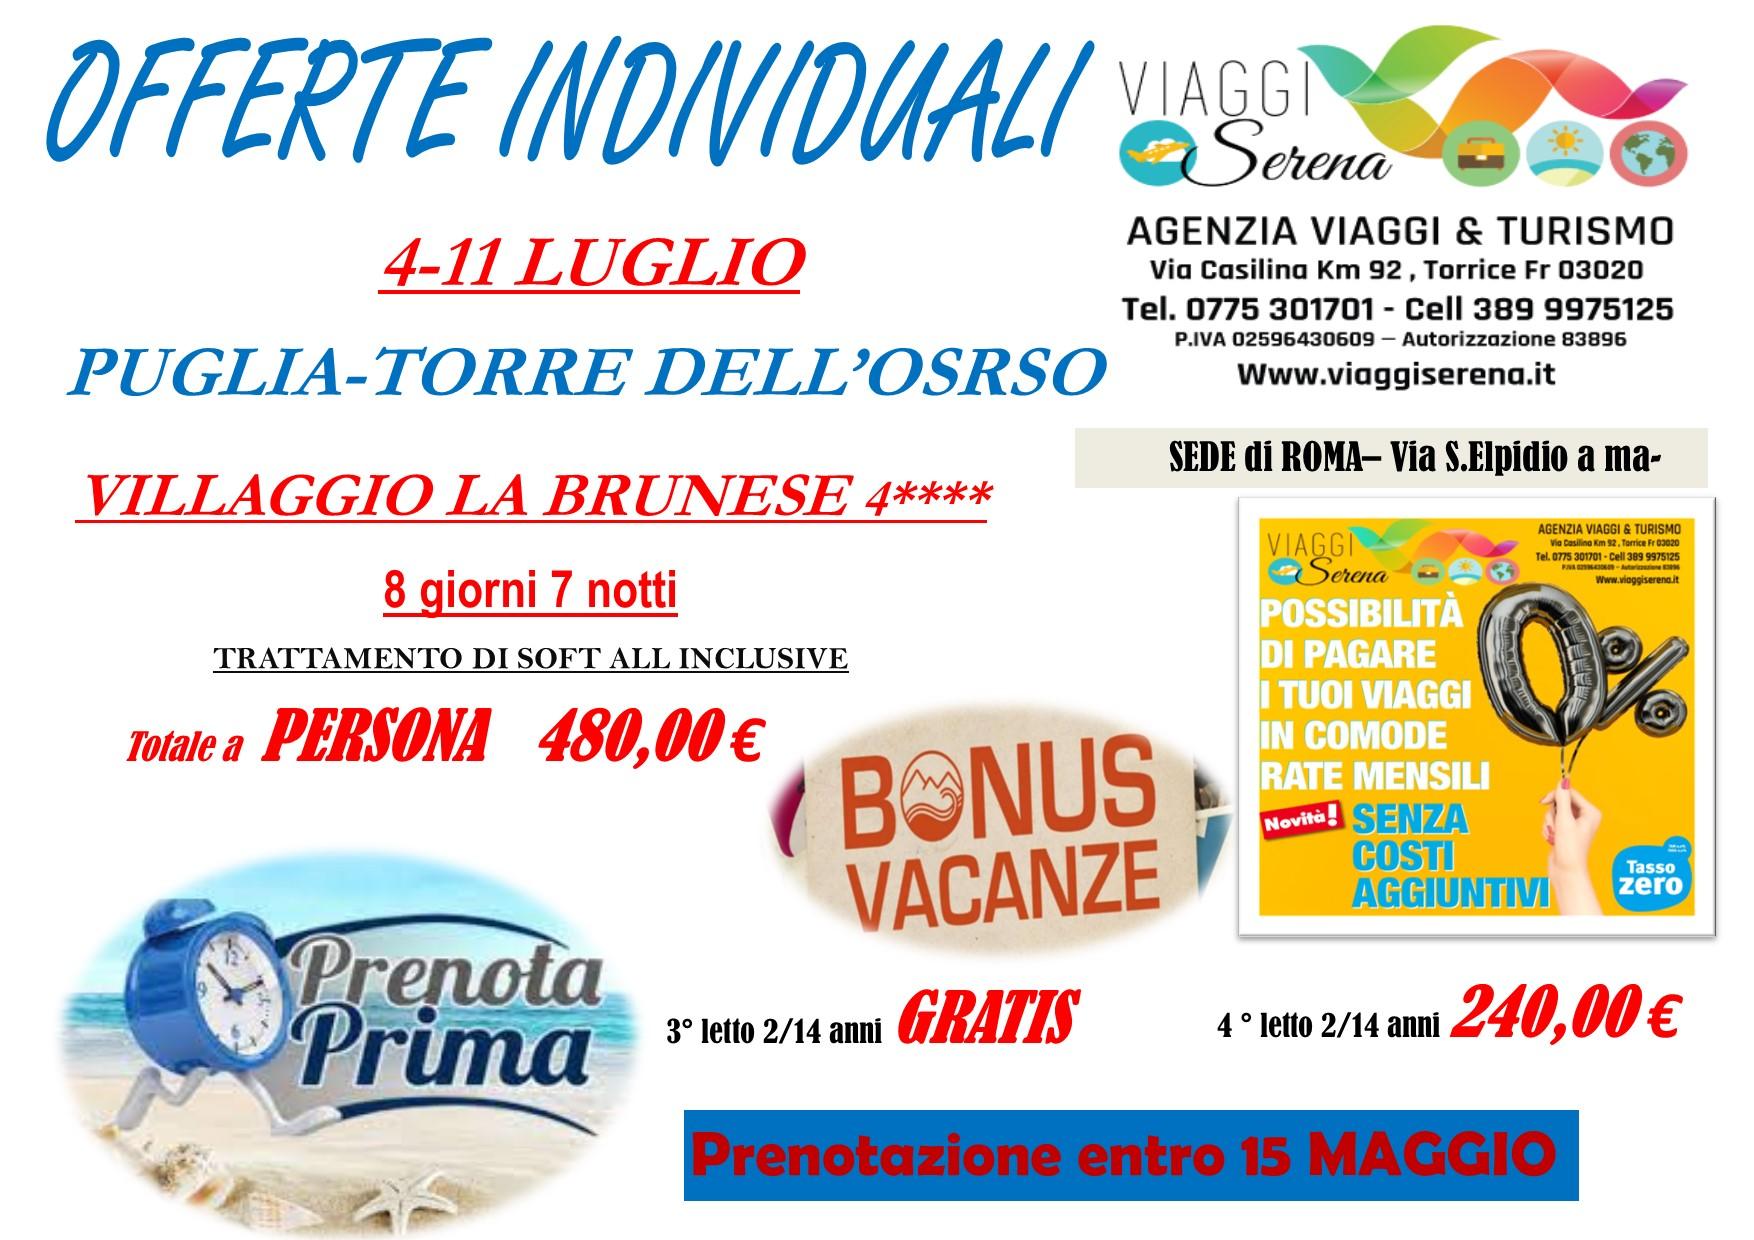 """Offerte Individuali : soggiorno mare con """"prenota prima"""" Torre dell'Orso!!!"""